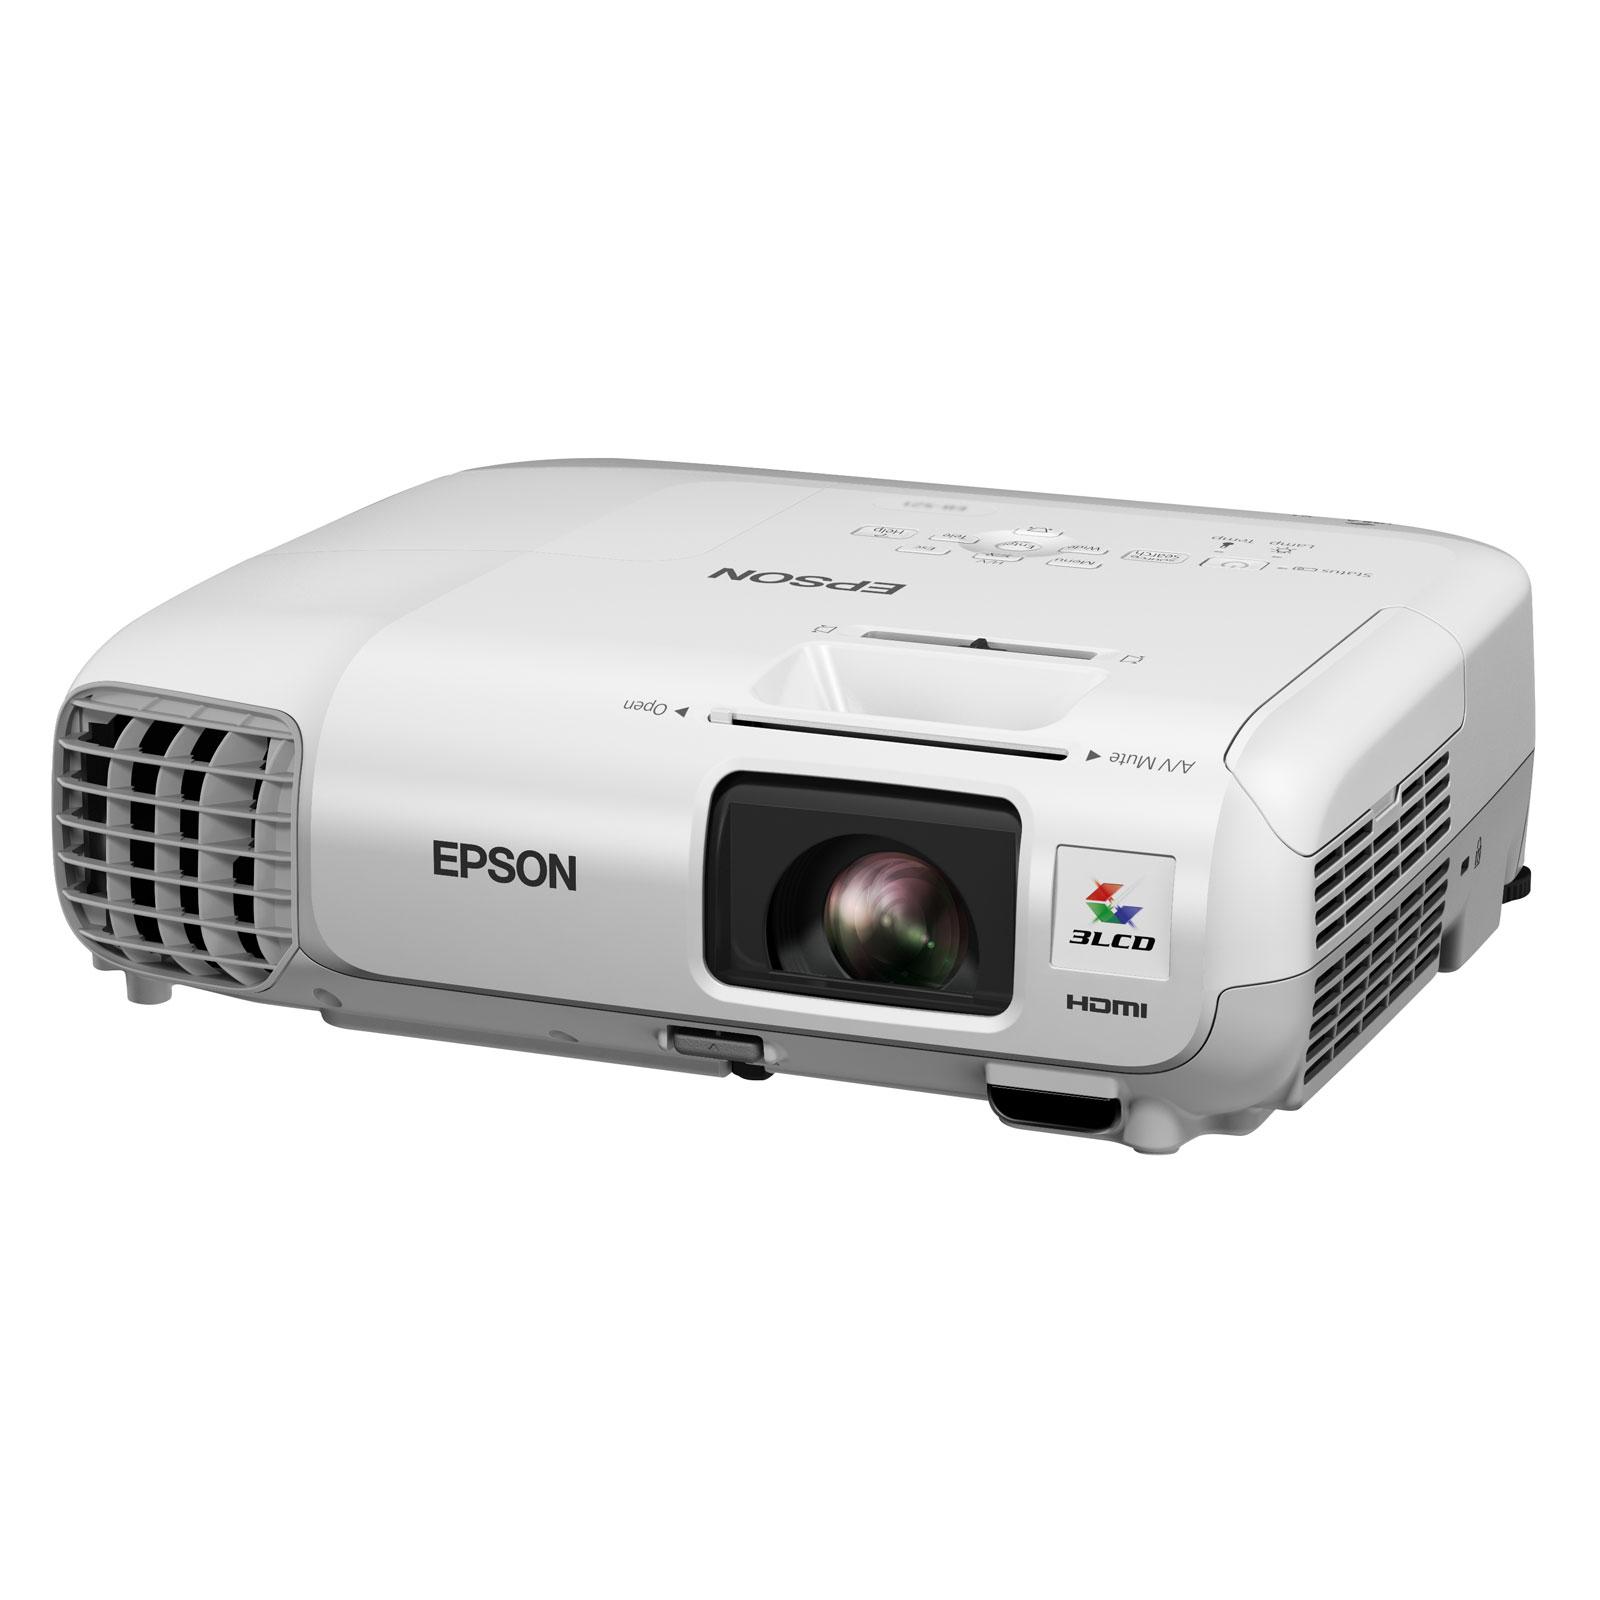 Epson eb s27 vid oprojecteur epson sur - Support plafond videoprojecteur epson ...